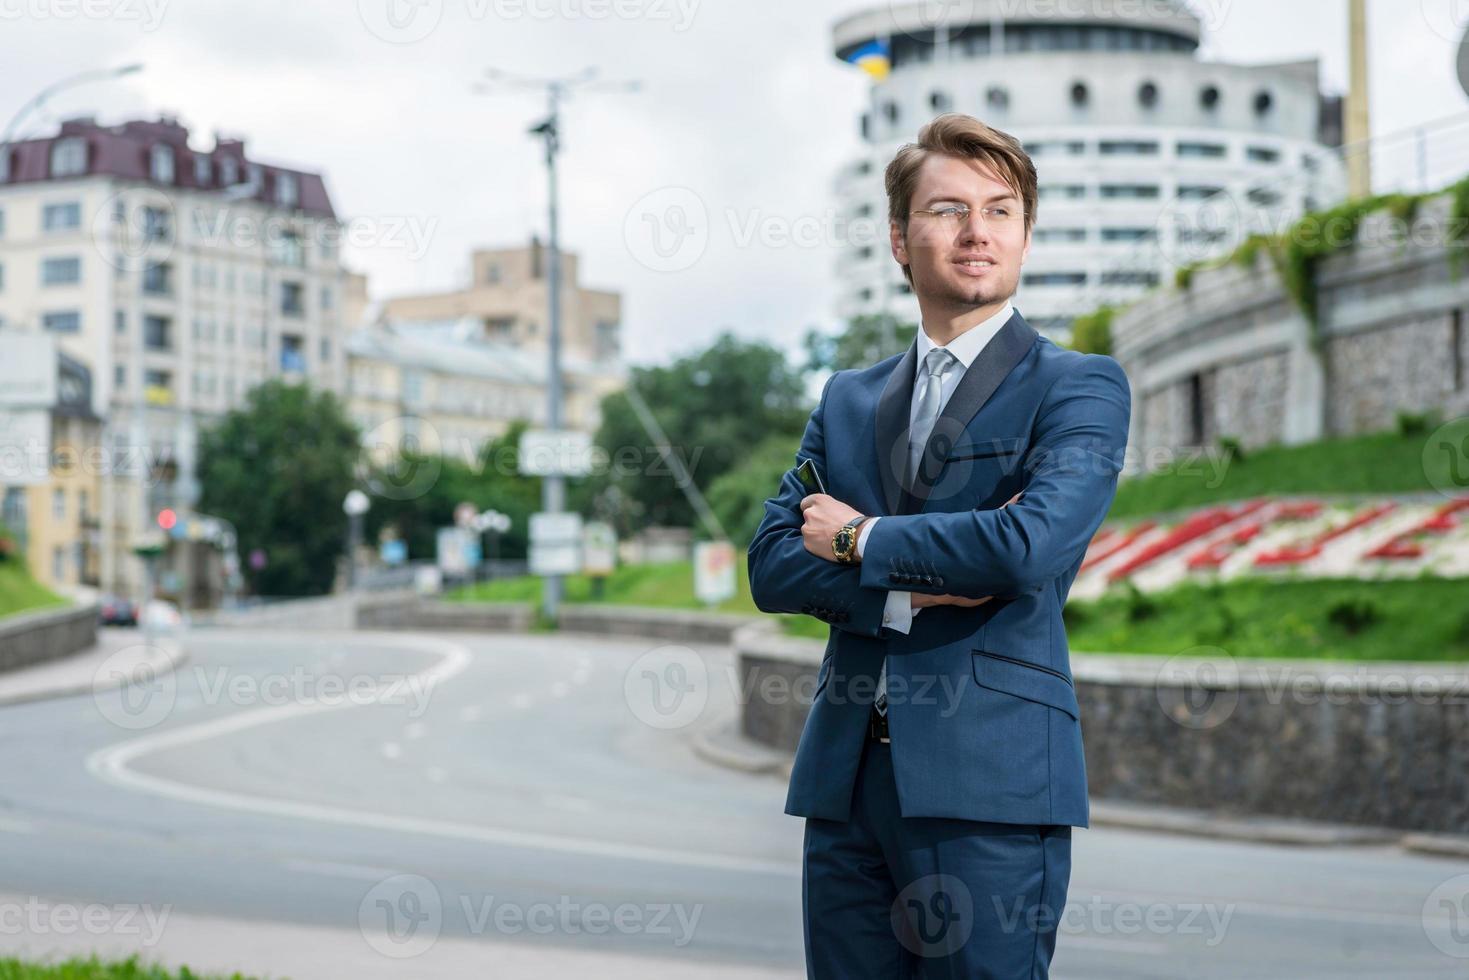 joven en traje formal está de pie junto a la carretera foto